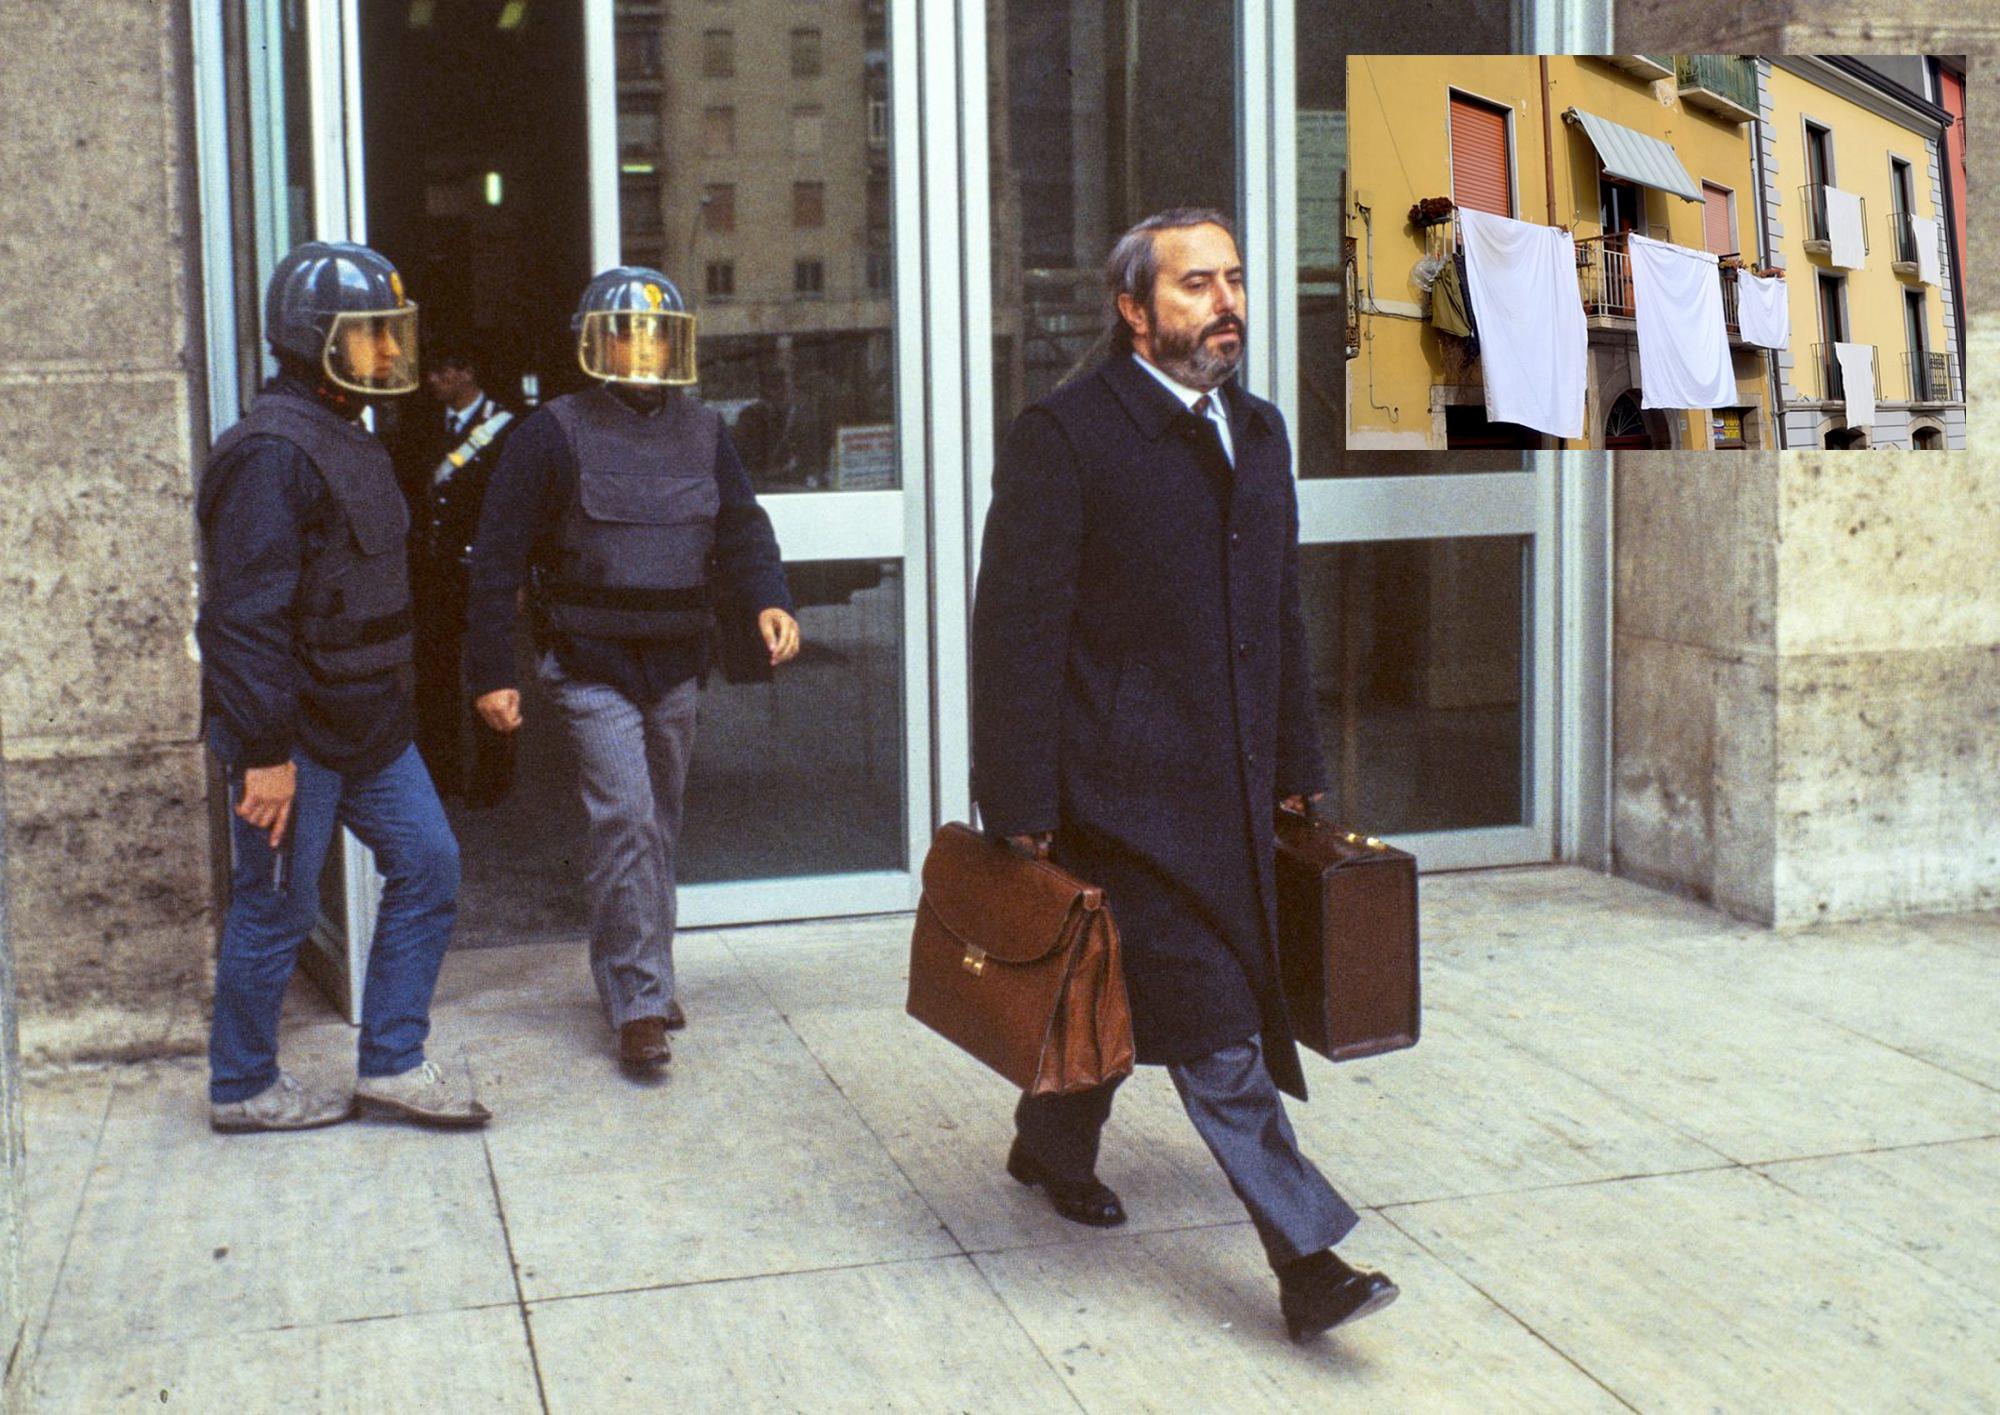 La strage di Capaci 28 anni fa, lenzuola bianche ai balconi per dire no alla mafia